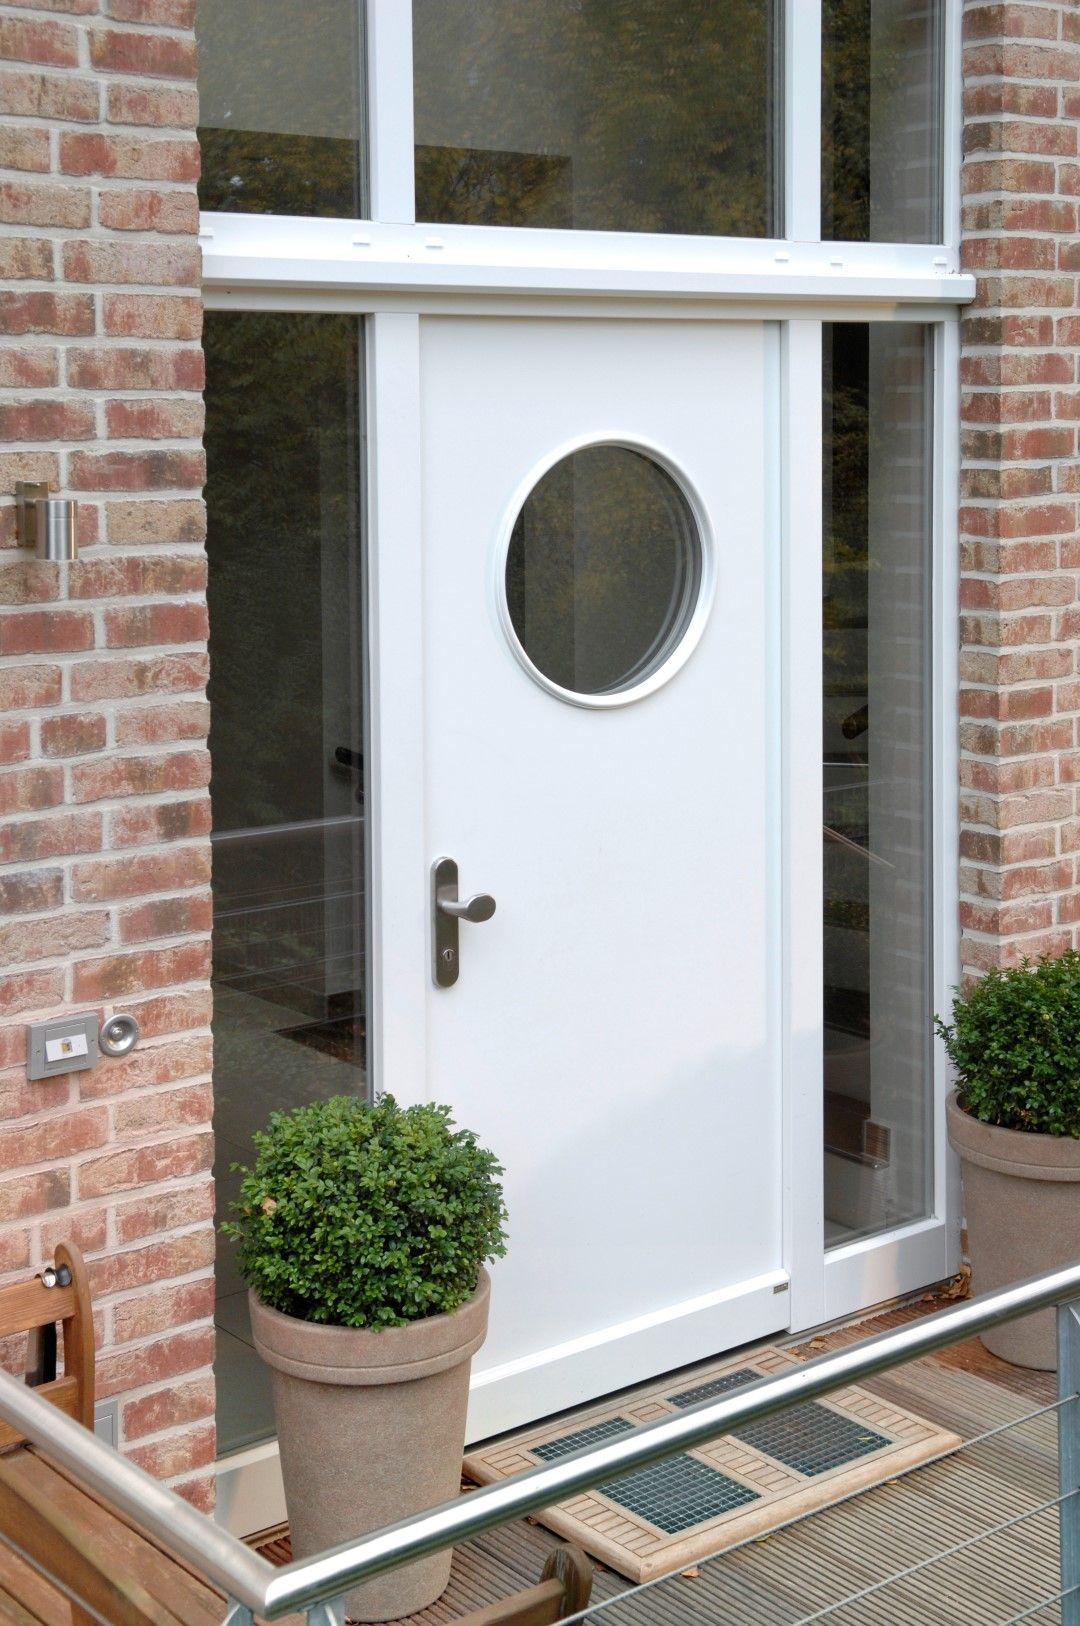 Haustür Mit Bullauge eine ganz einfache und schlichte holzhaustür in weiß umschmückt